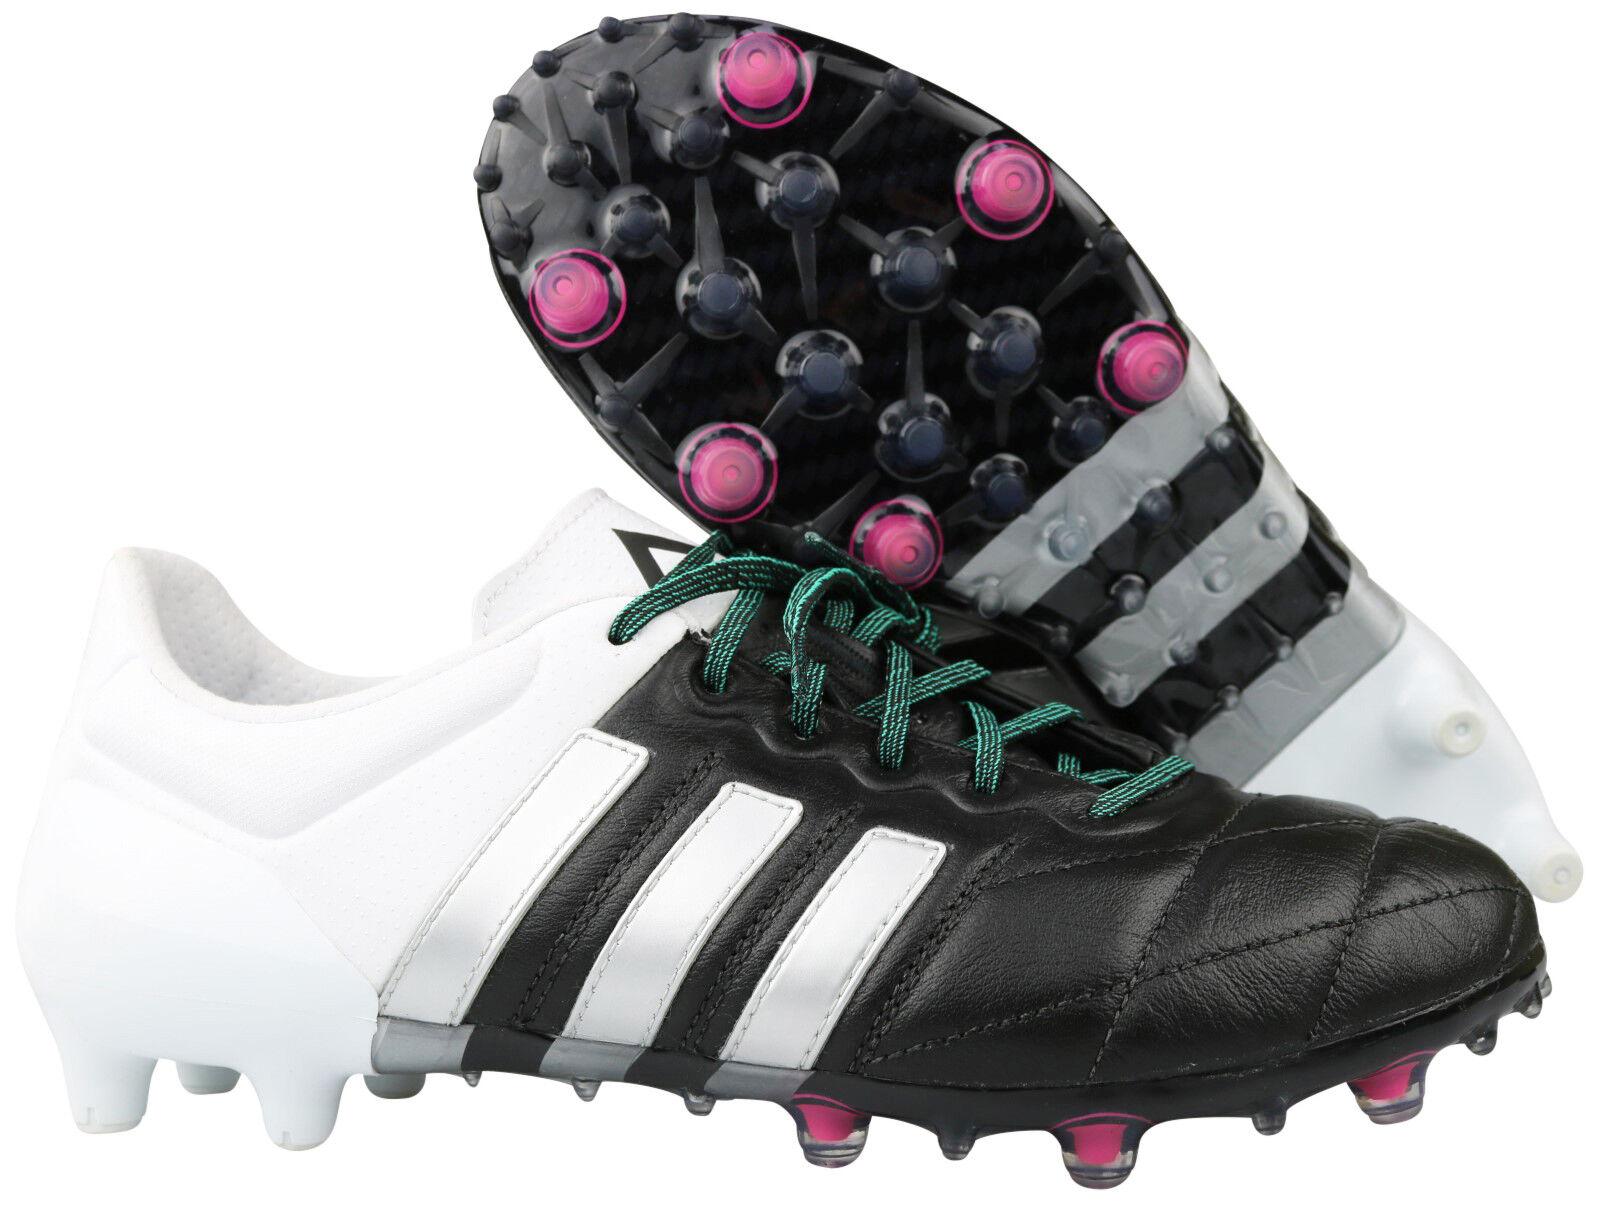 Adidas Ace 15.1 FG AG botas de fútbol levas af5095 cuero negro Gr. 39 1 3 nuevo